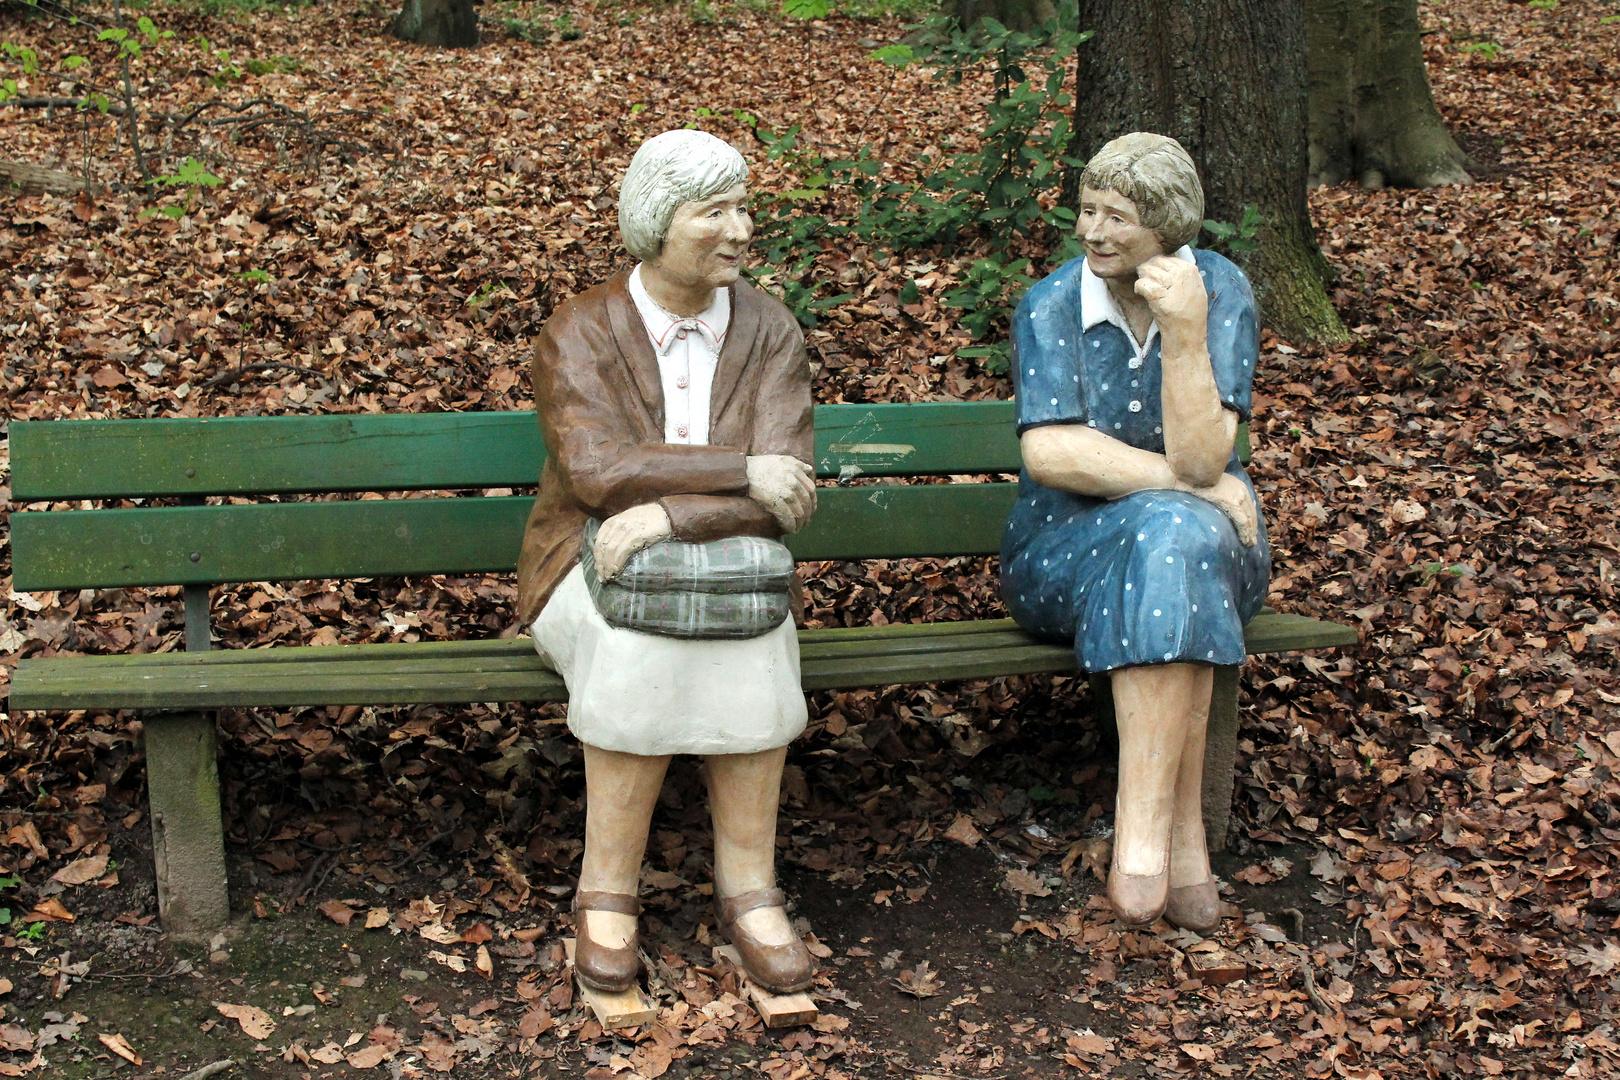 Frauen auf der Parkbank im gespräch...